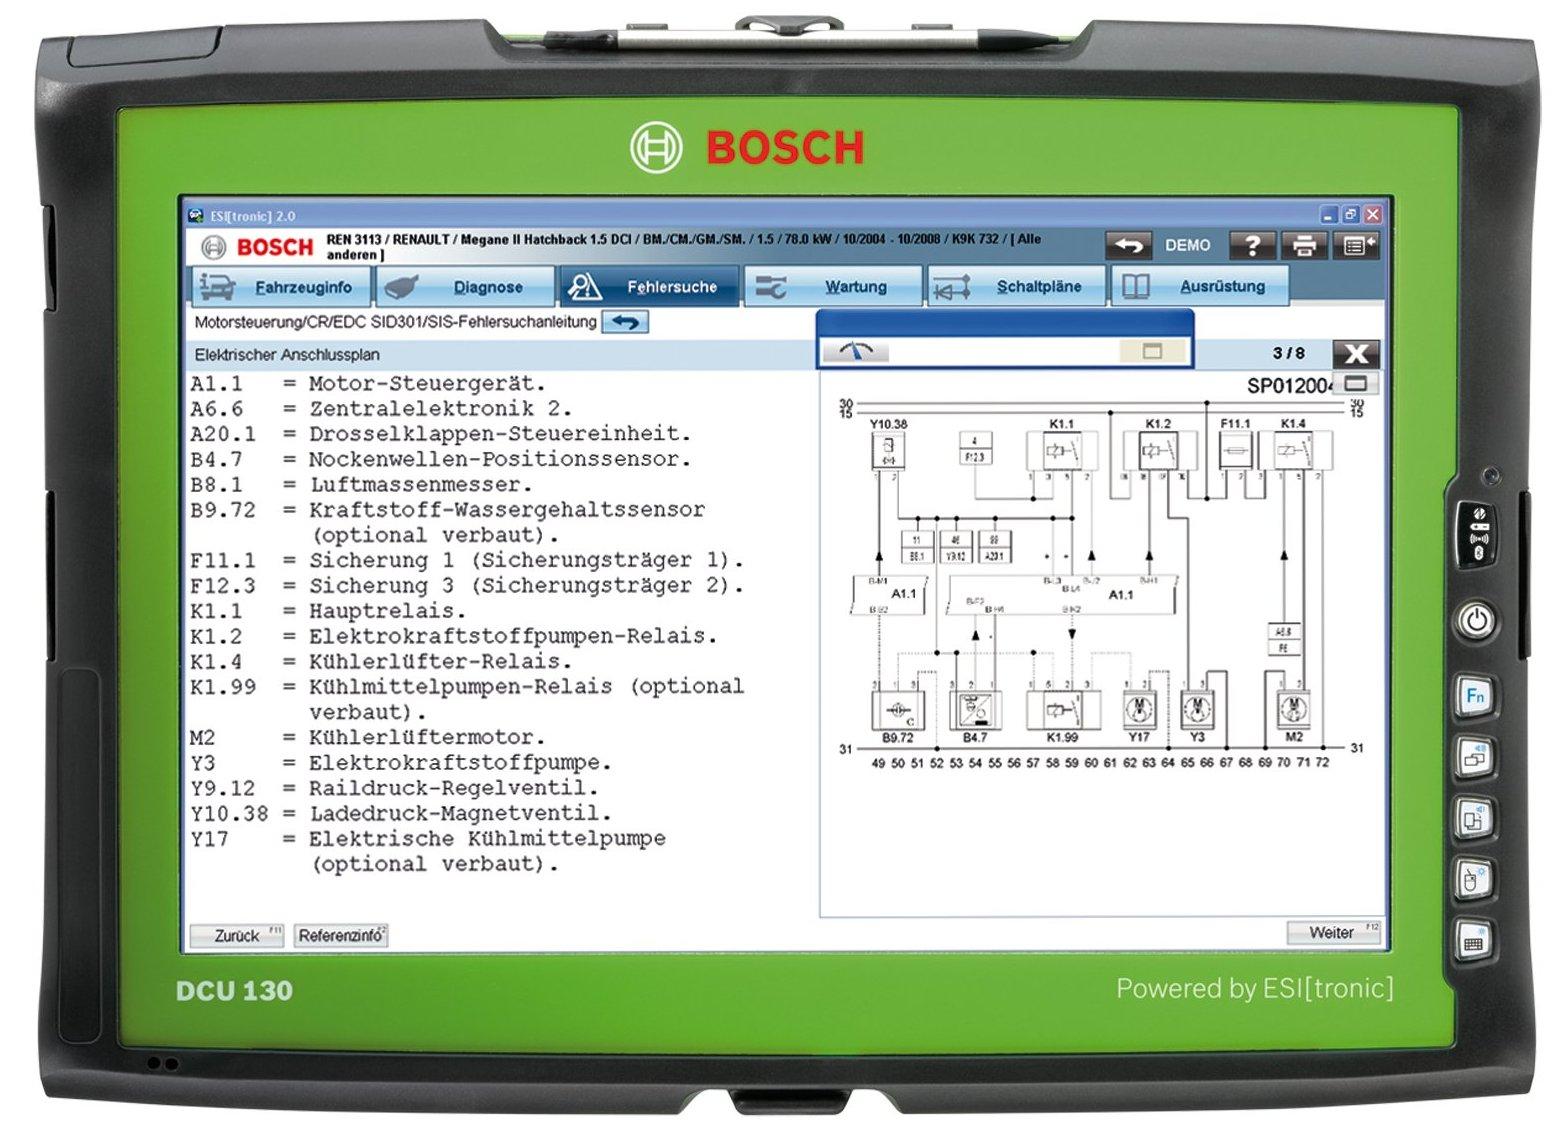 Bosch DCU 130